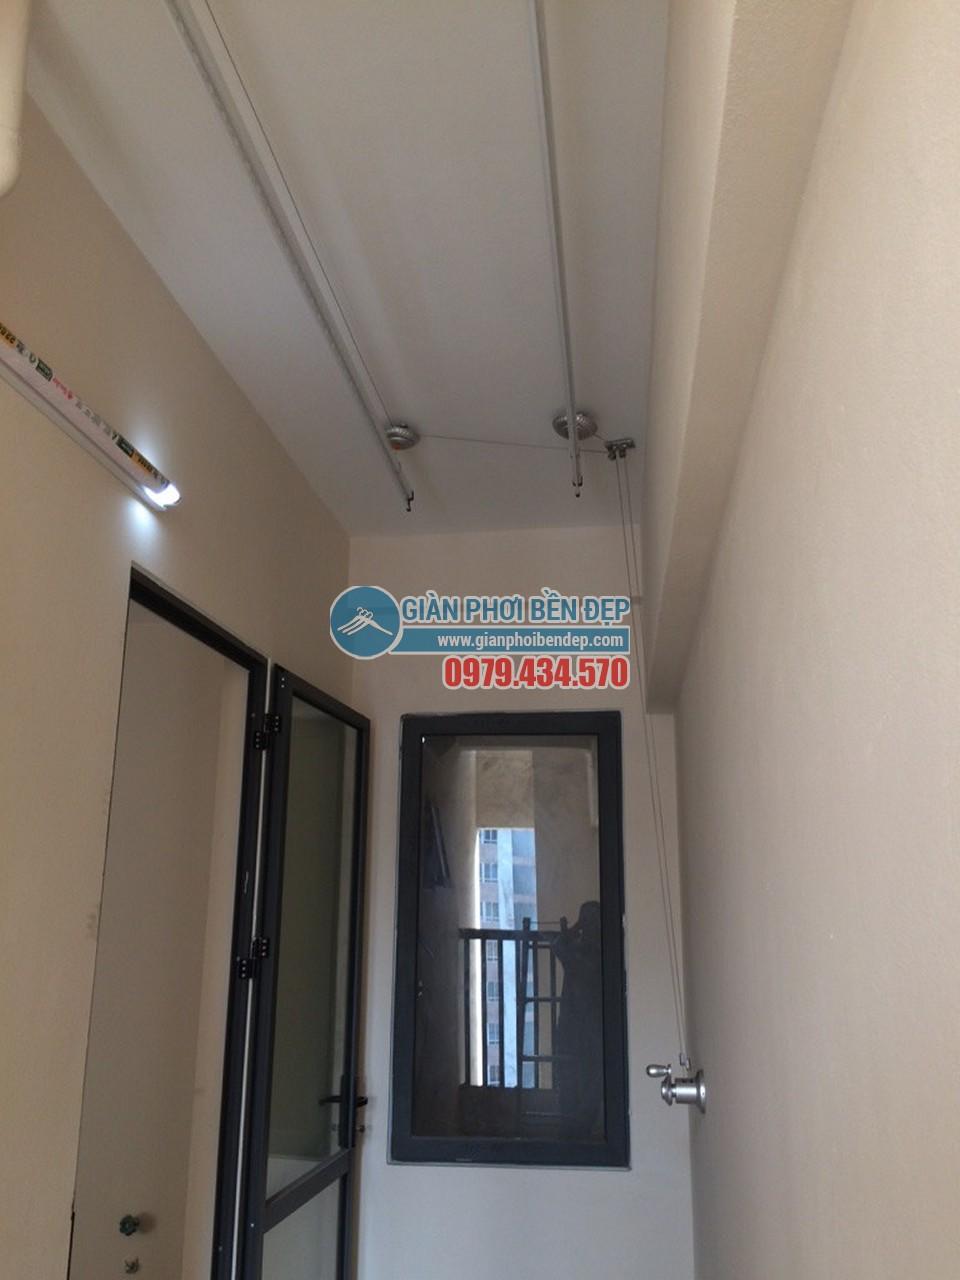 Ngắm lô gia gọn gàng nhờ lắp đặt giàn phơi thông minh nhà cô Tâm, HH2 Dương Nội - 02